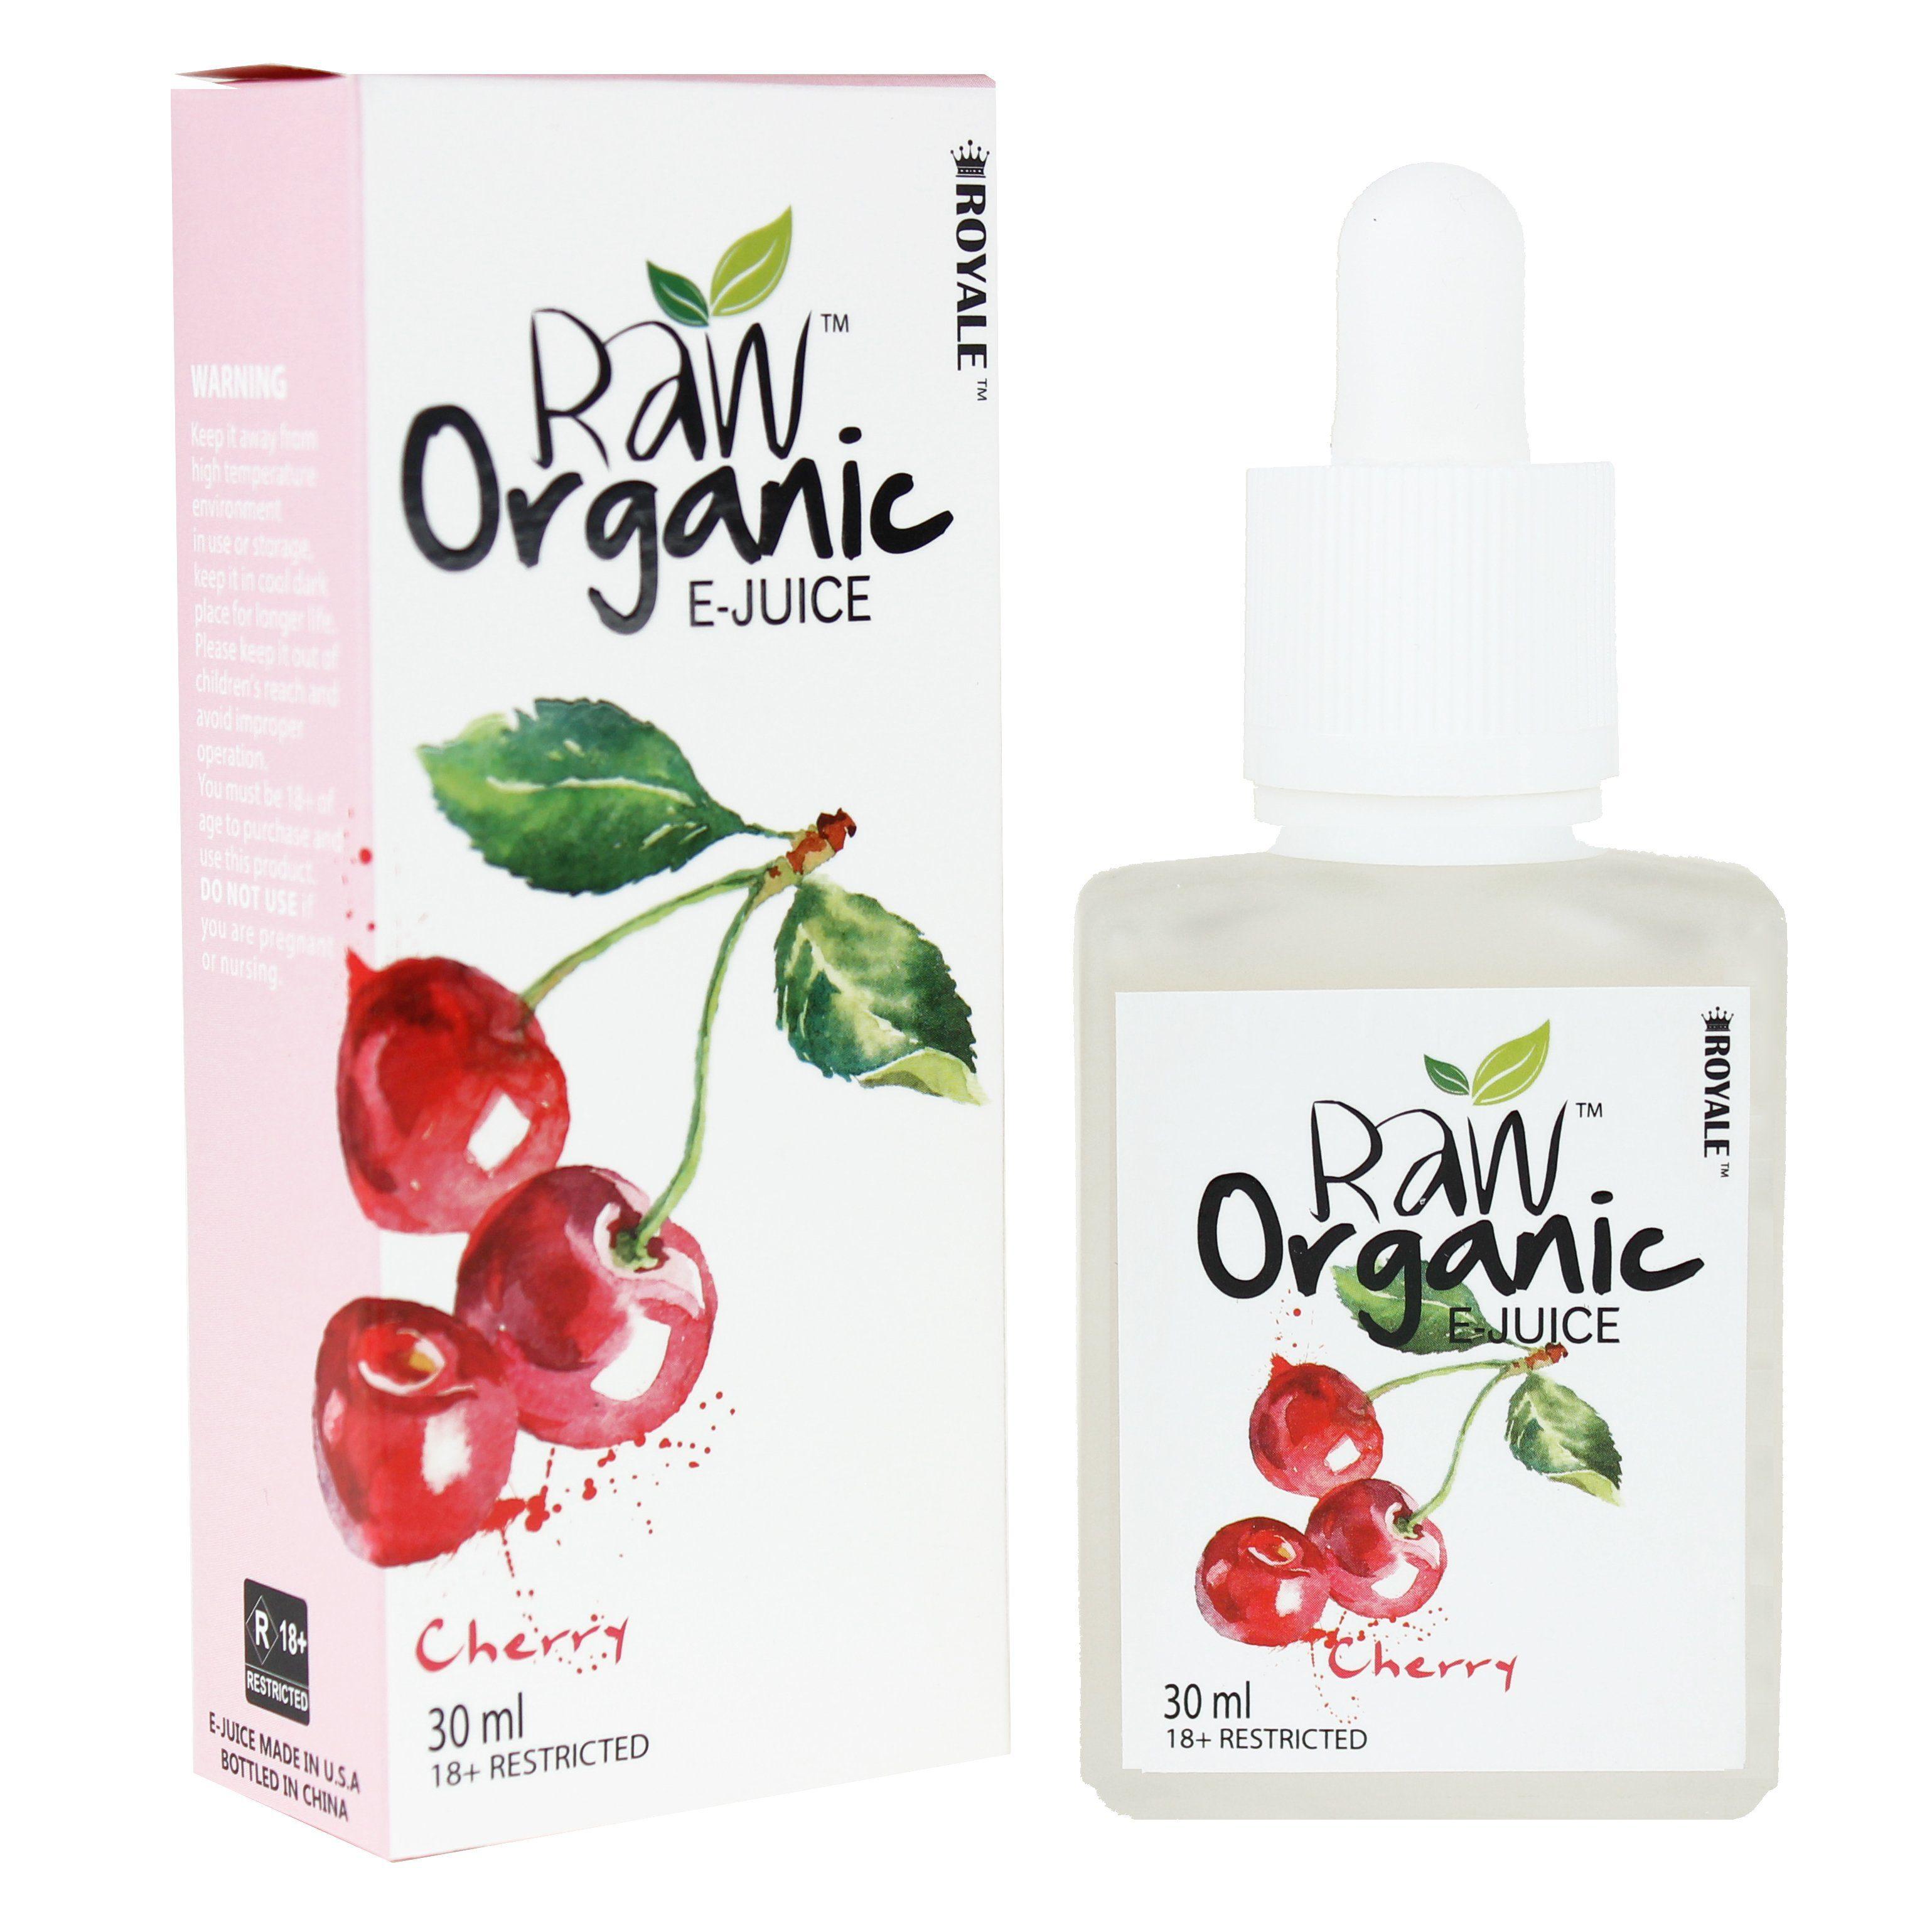 Raw Organic E-juice 50%VG 30ml - Cherry